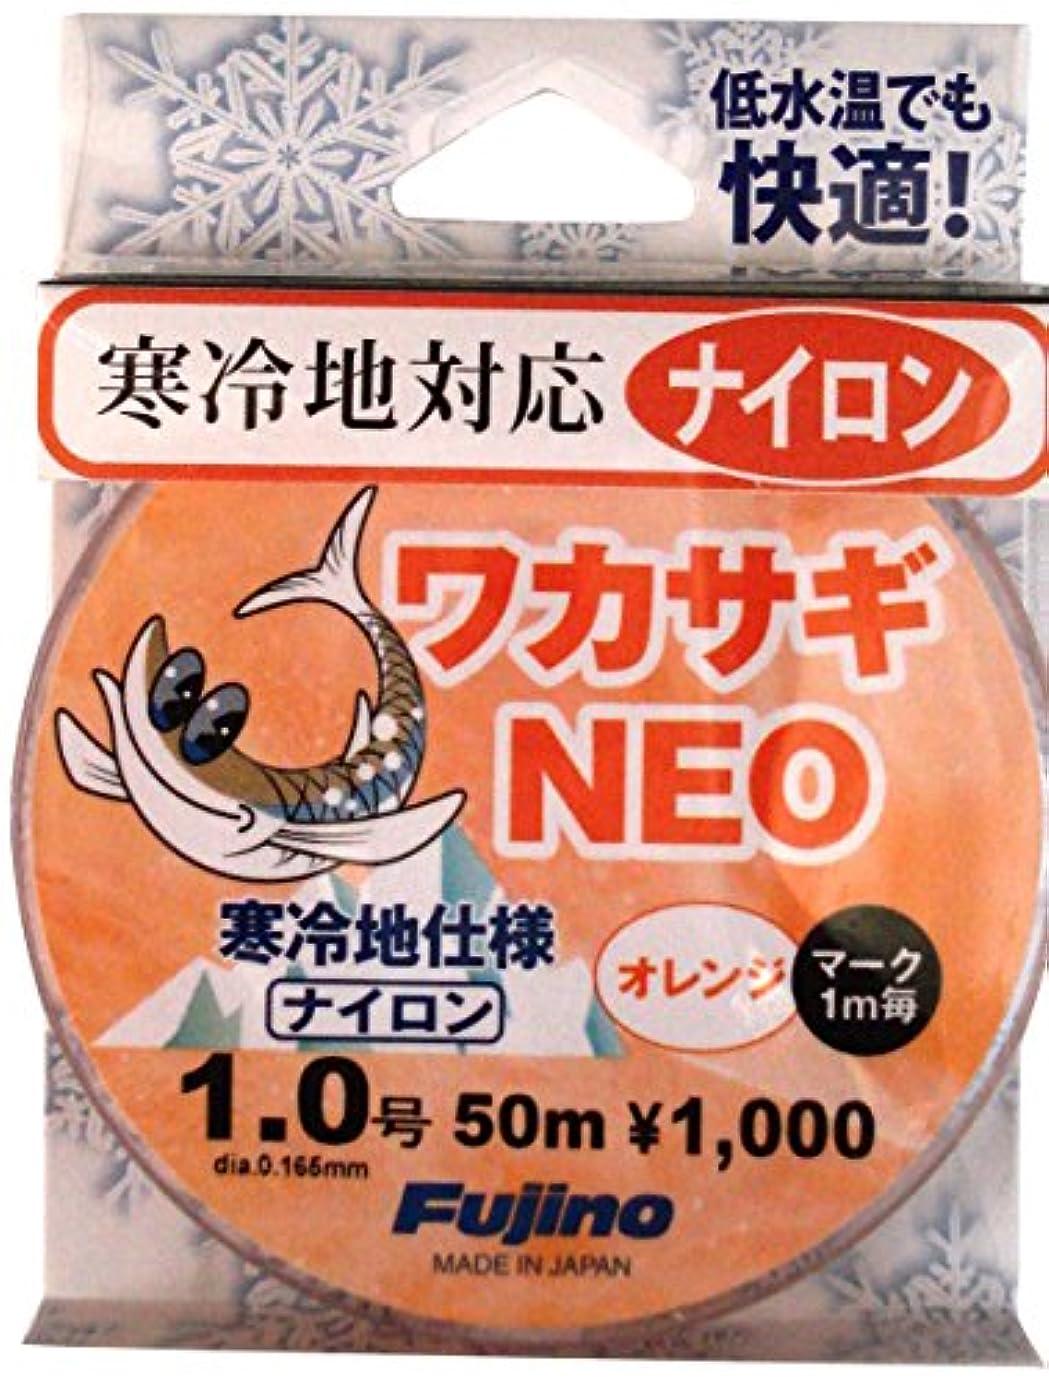 キャベツ悔い改めるはげFujino(フジノ) ナイロンライン ワカサギ寒冷地仕様NEO マーク入 50m 0.6号 オレンジ